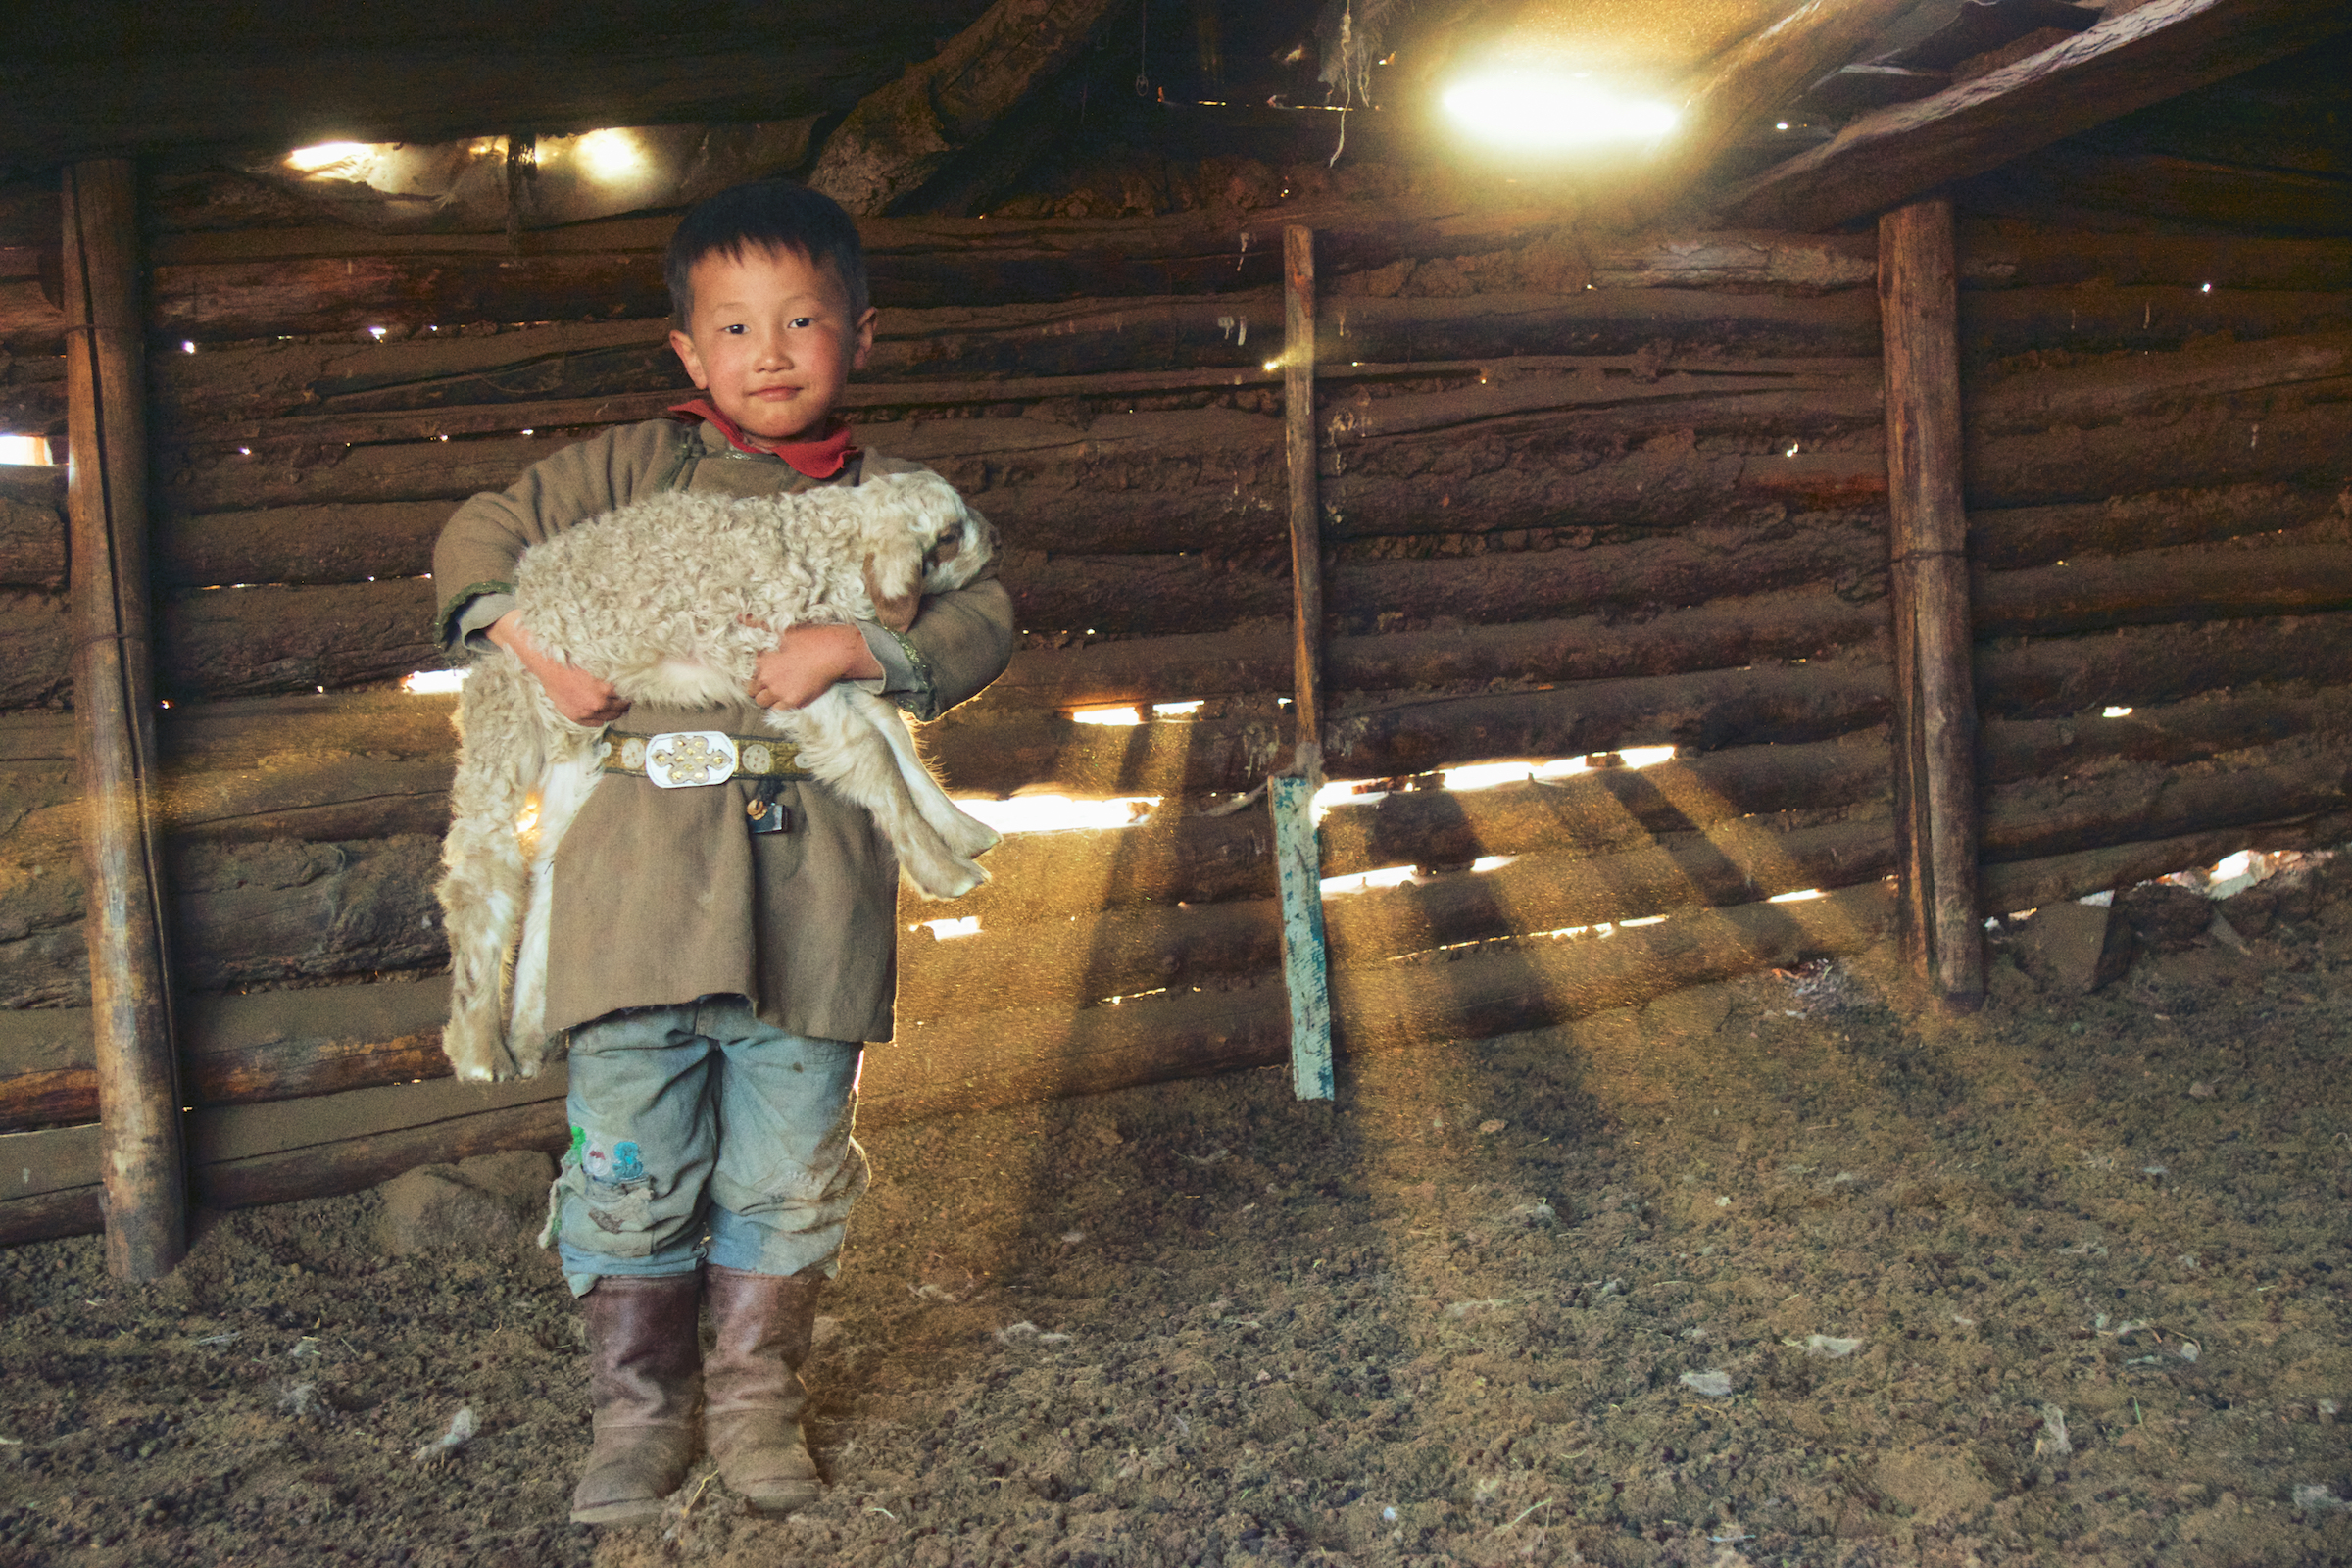 KSP_InTheShelter_Murun_Mongolia_Spring_2014.jpg